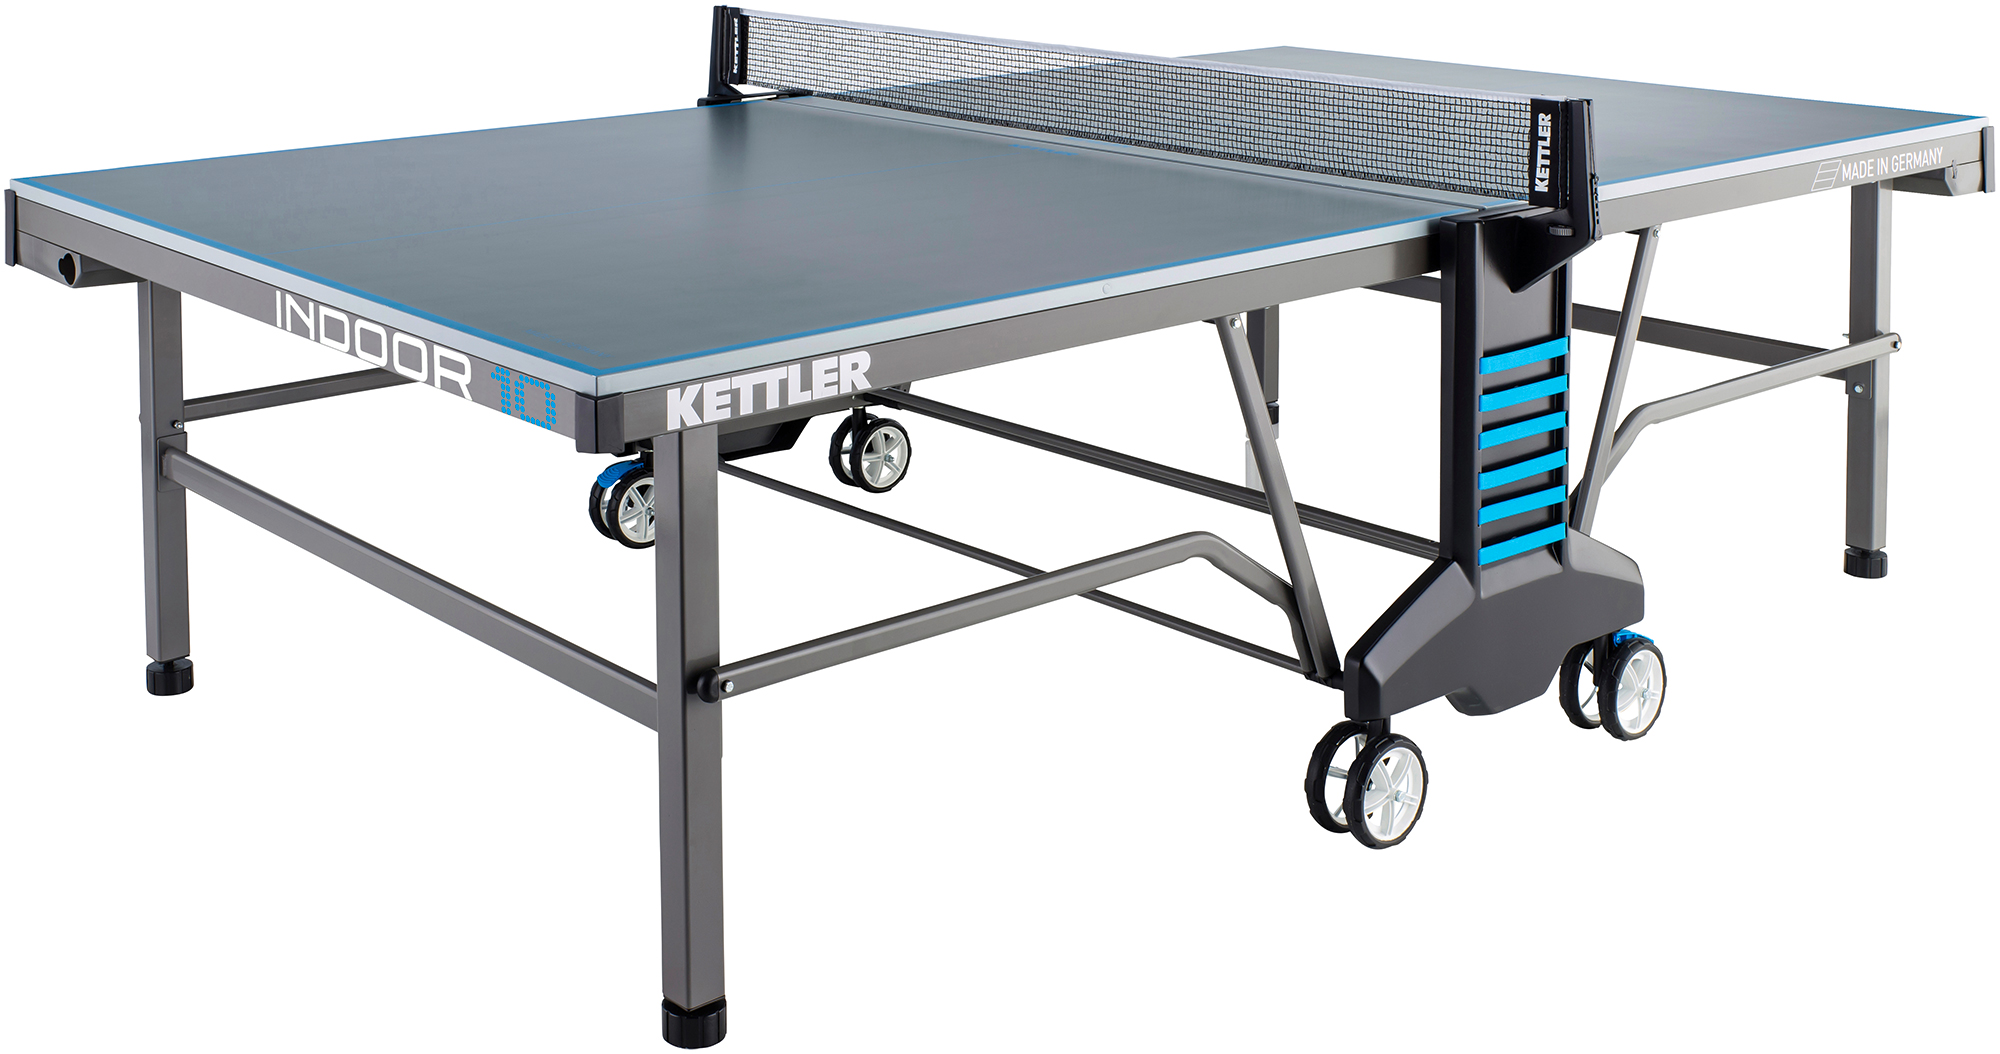 Kettler Теннисный стол для помещений Kettler Indoor 10 теннисный стол всепогодный torneo